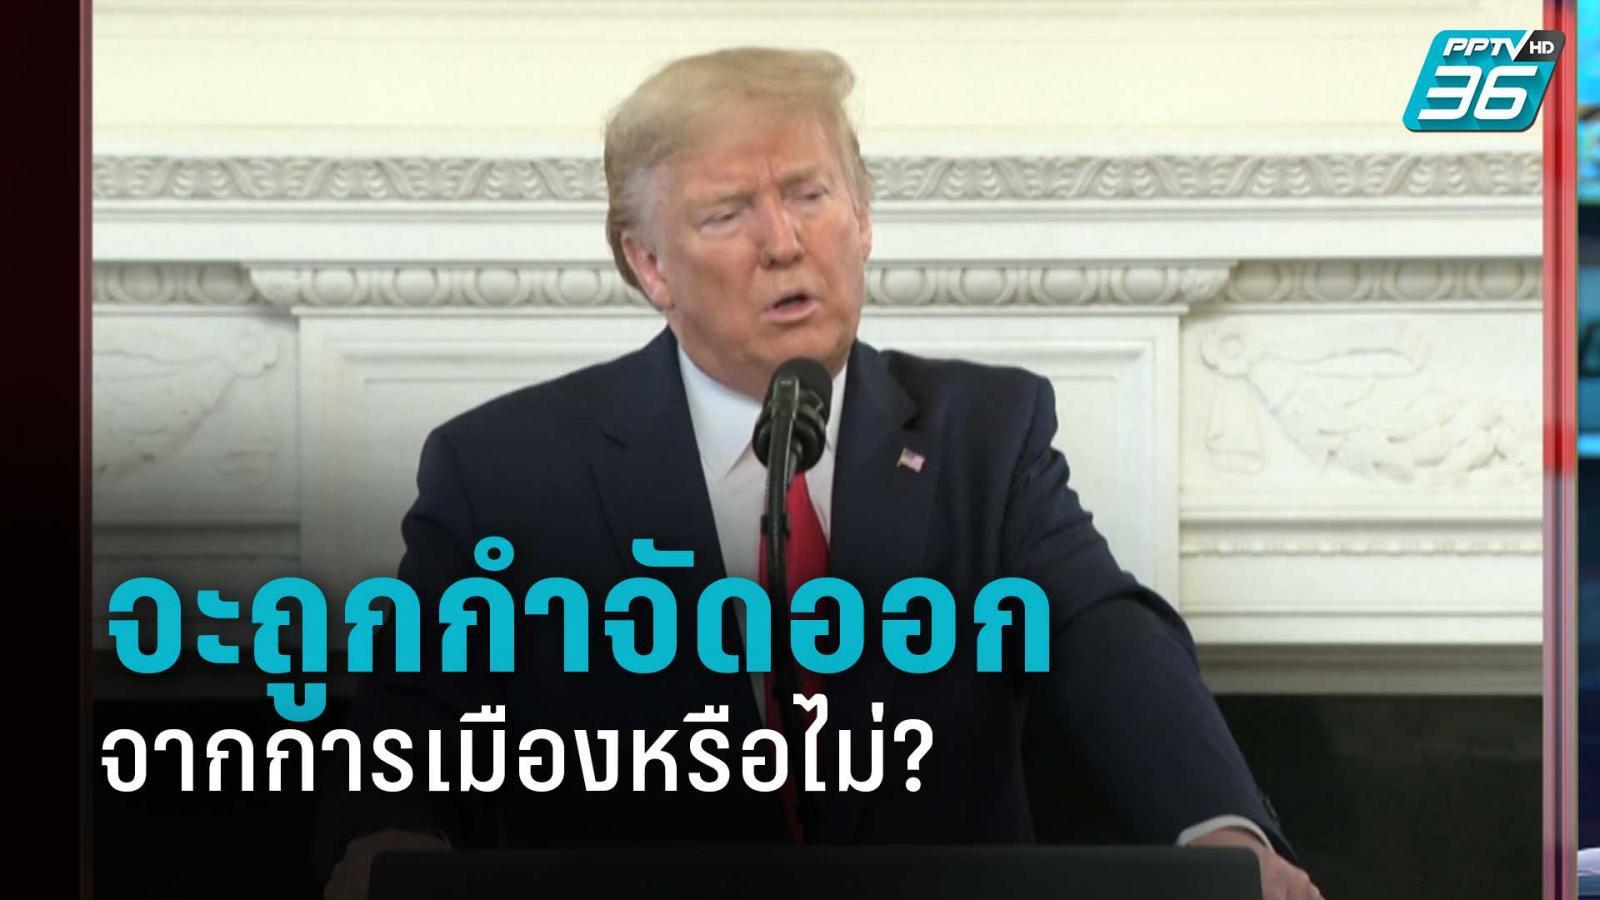 """""""ทรัมป์""""จะถูกกำจัดออกจากการเมืองสหรัฐฯ หรือไม่?"""